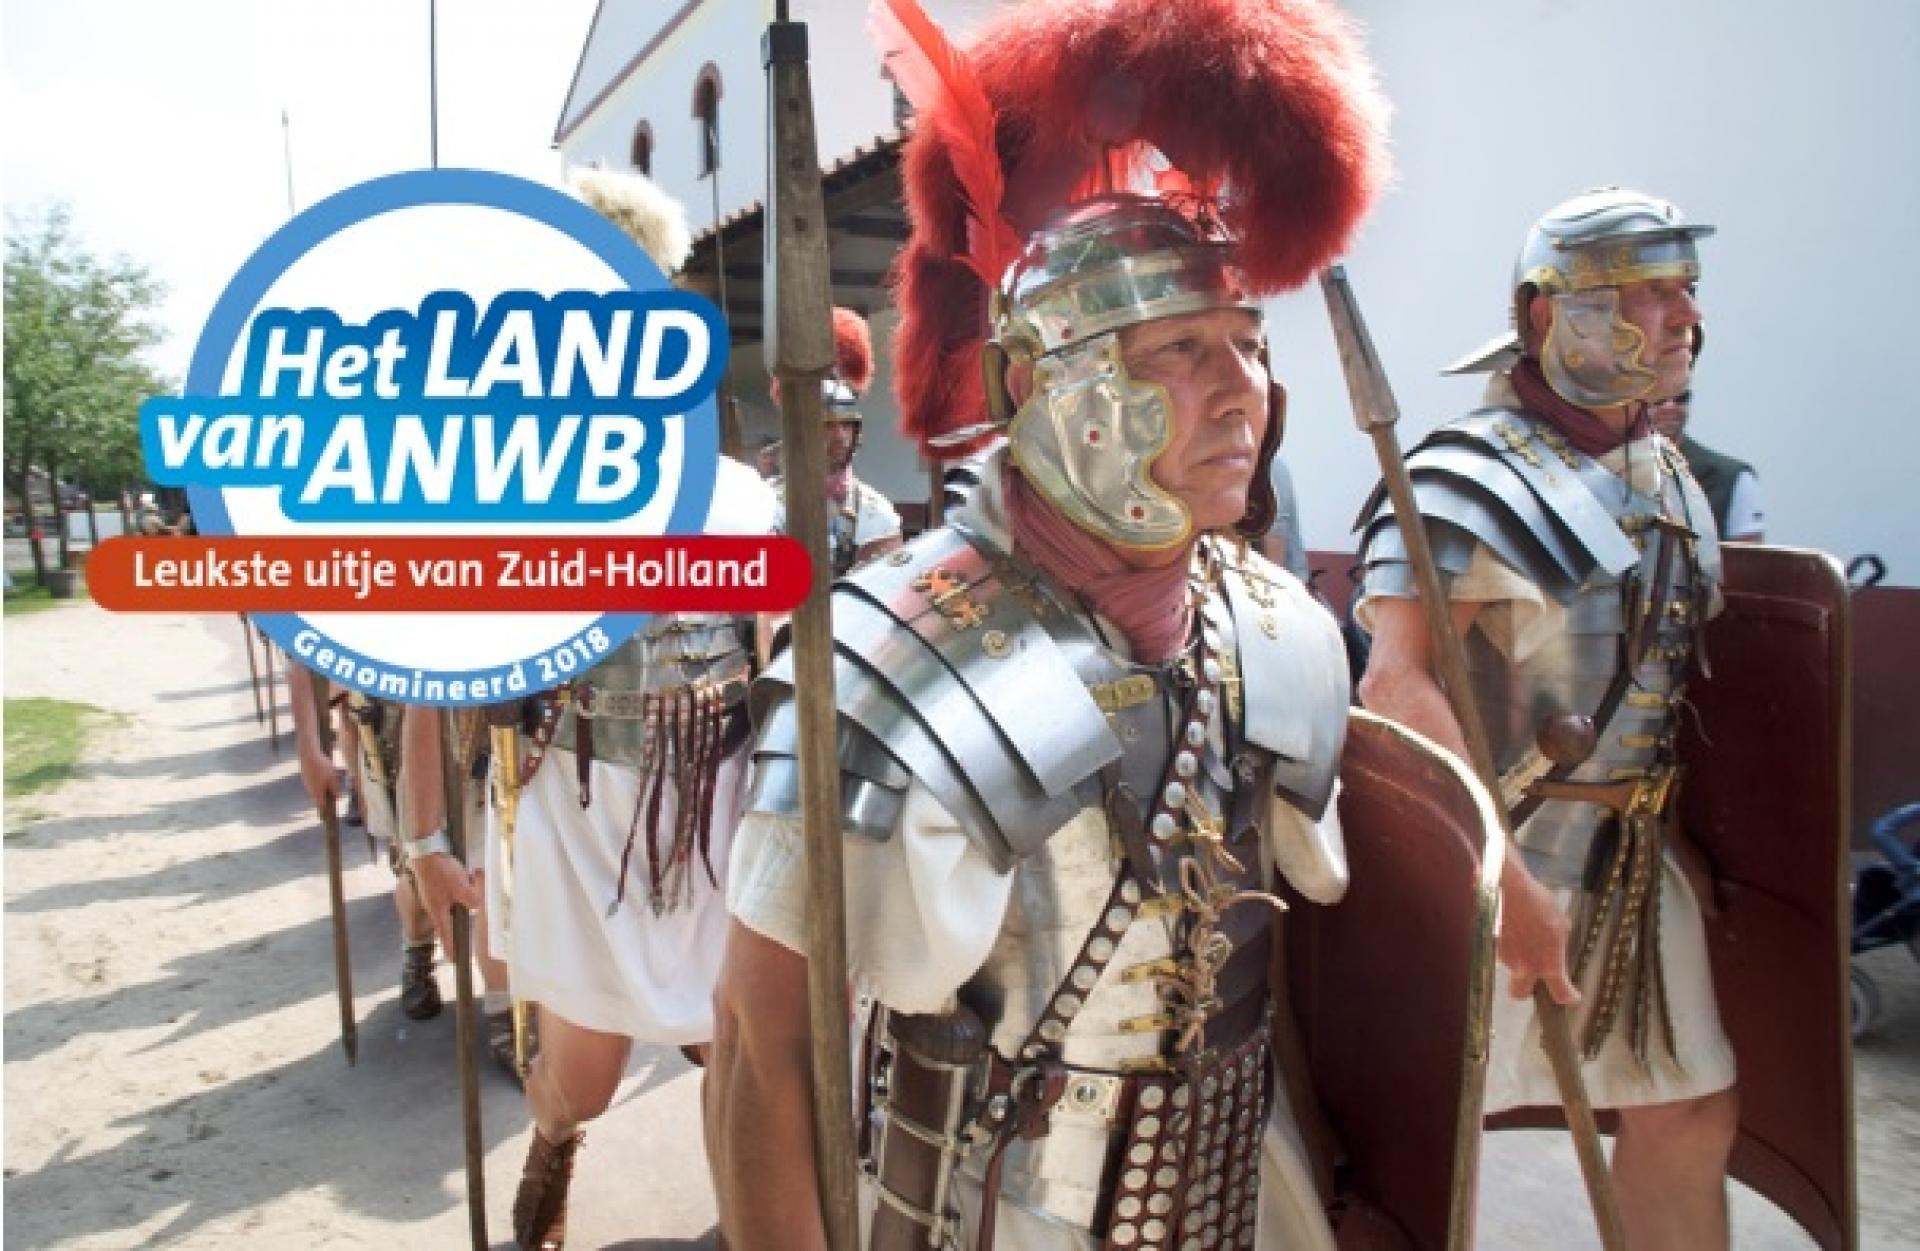 Archeon genomineerd voor 'Leukste Uitje van Zuid-Holland'